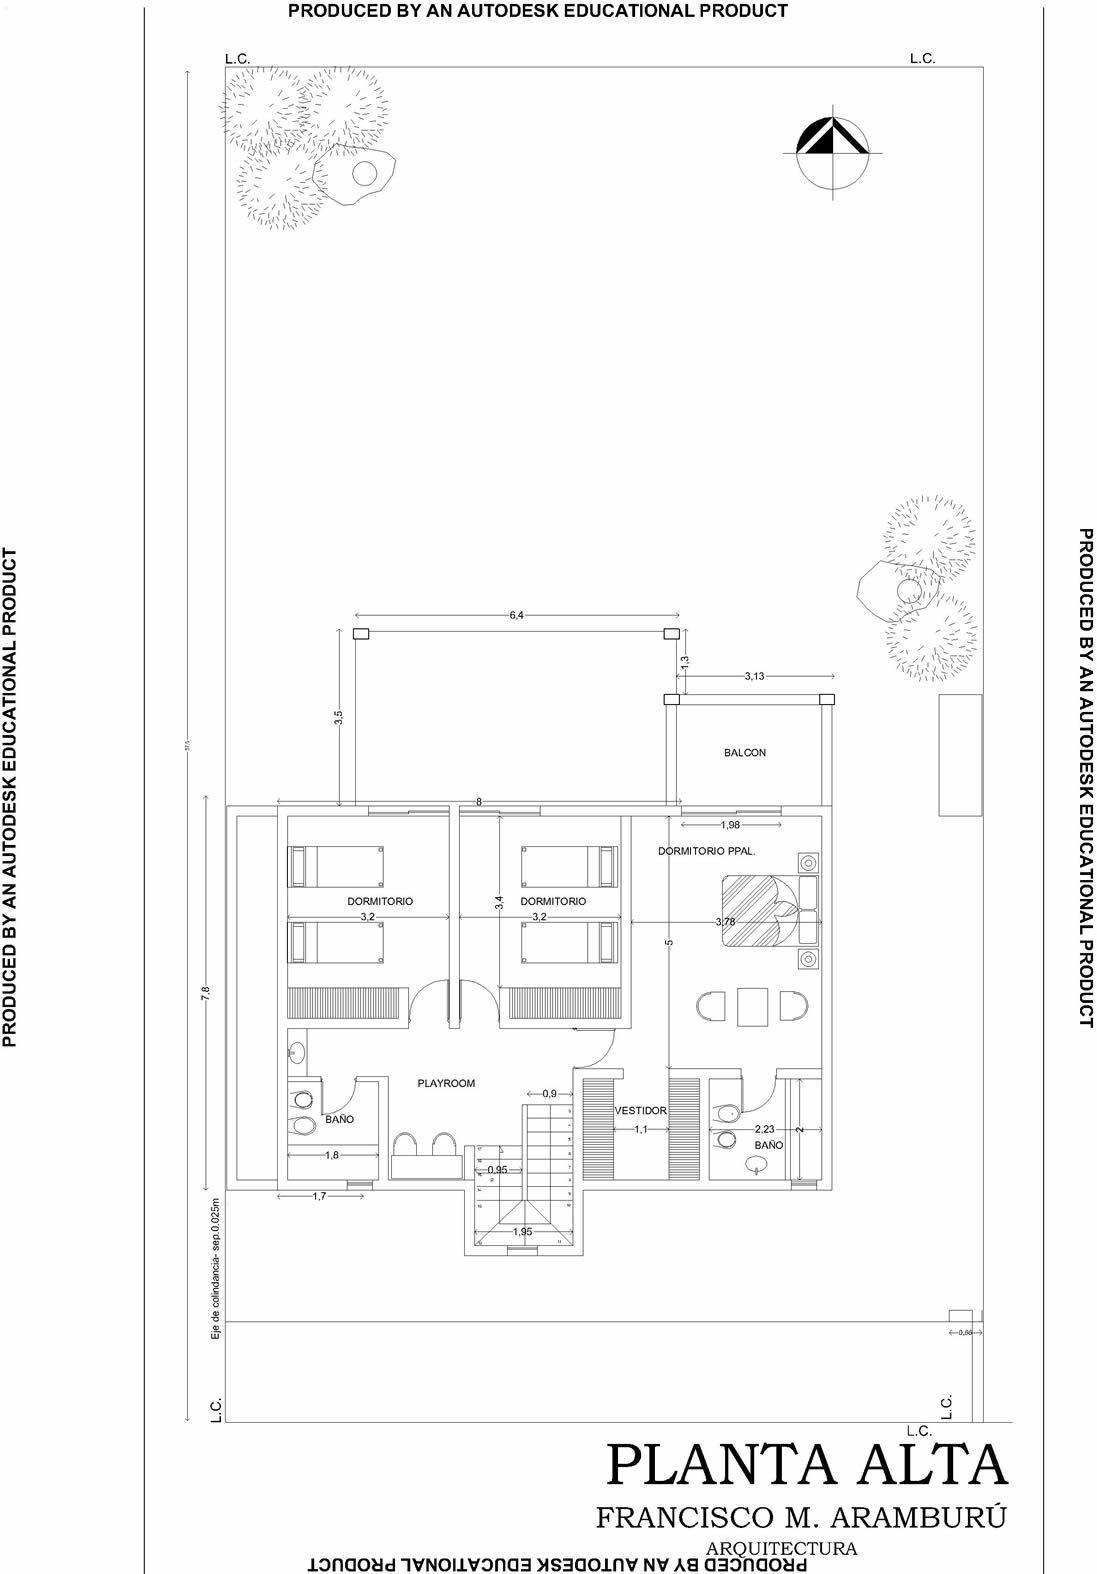 Soluciones Inmobiliarias en Mendoza, Venta, alquiler, administración y tasación de Propiedades - Marcerou Propiedades, Argentina.